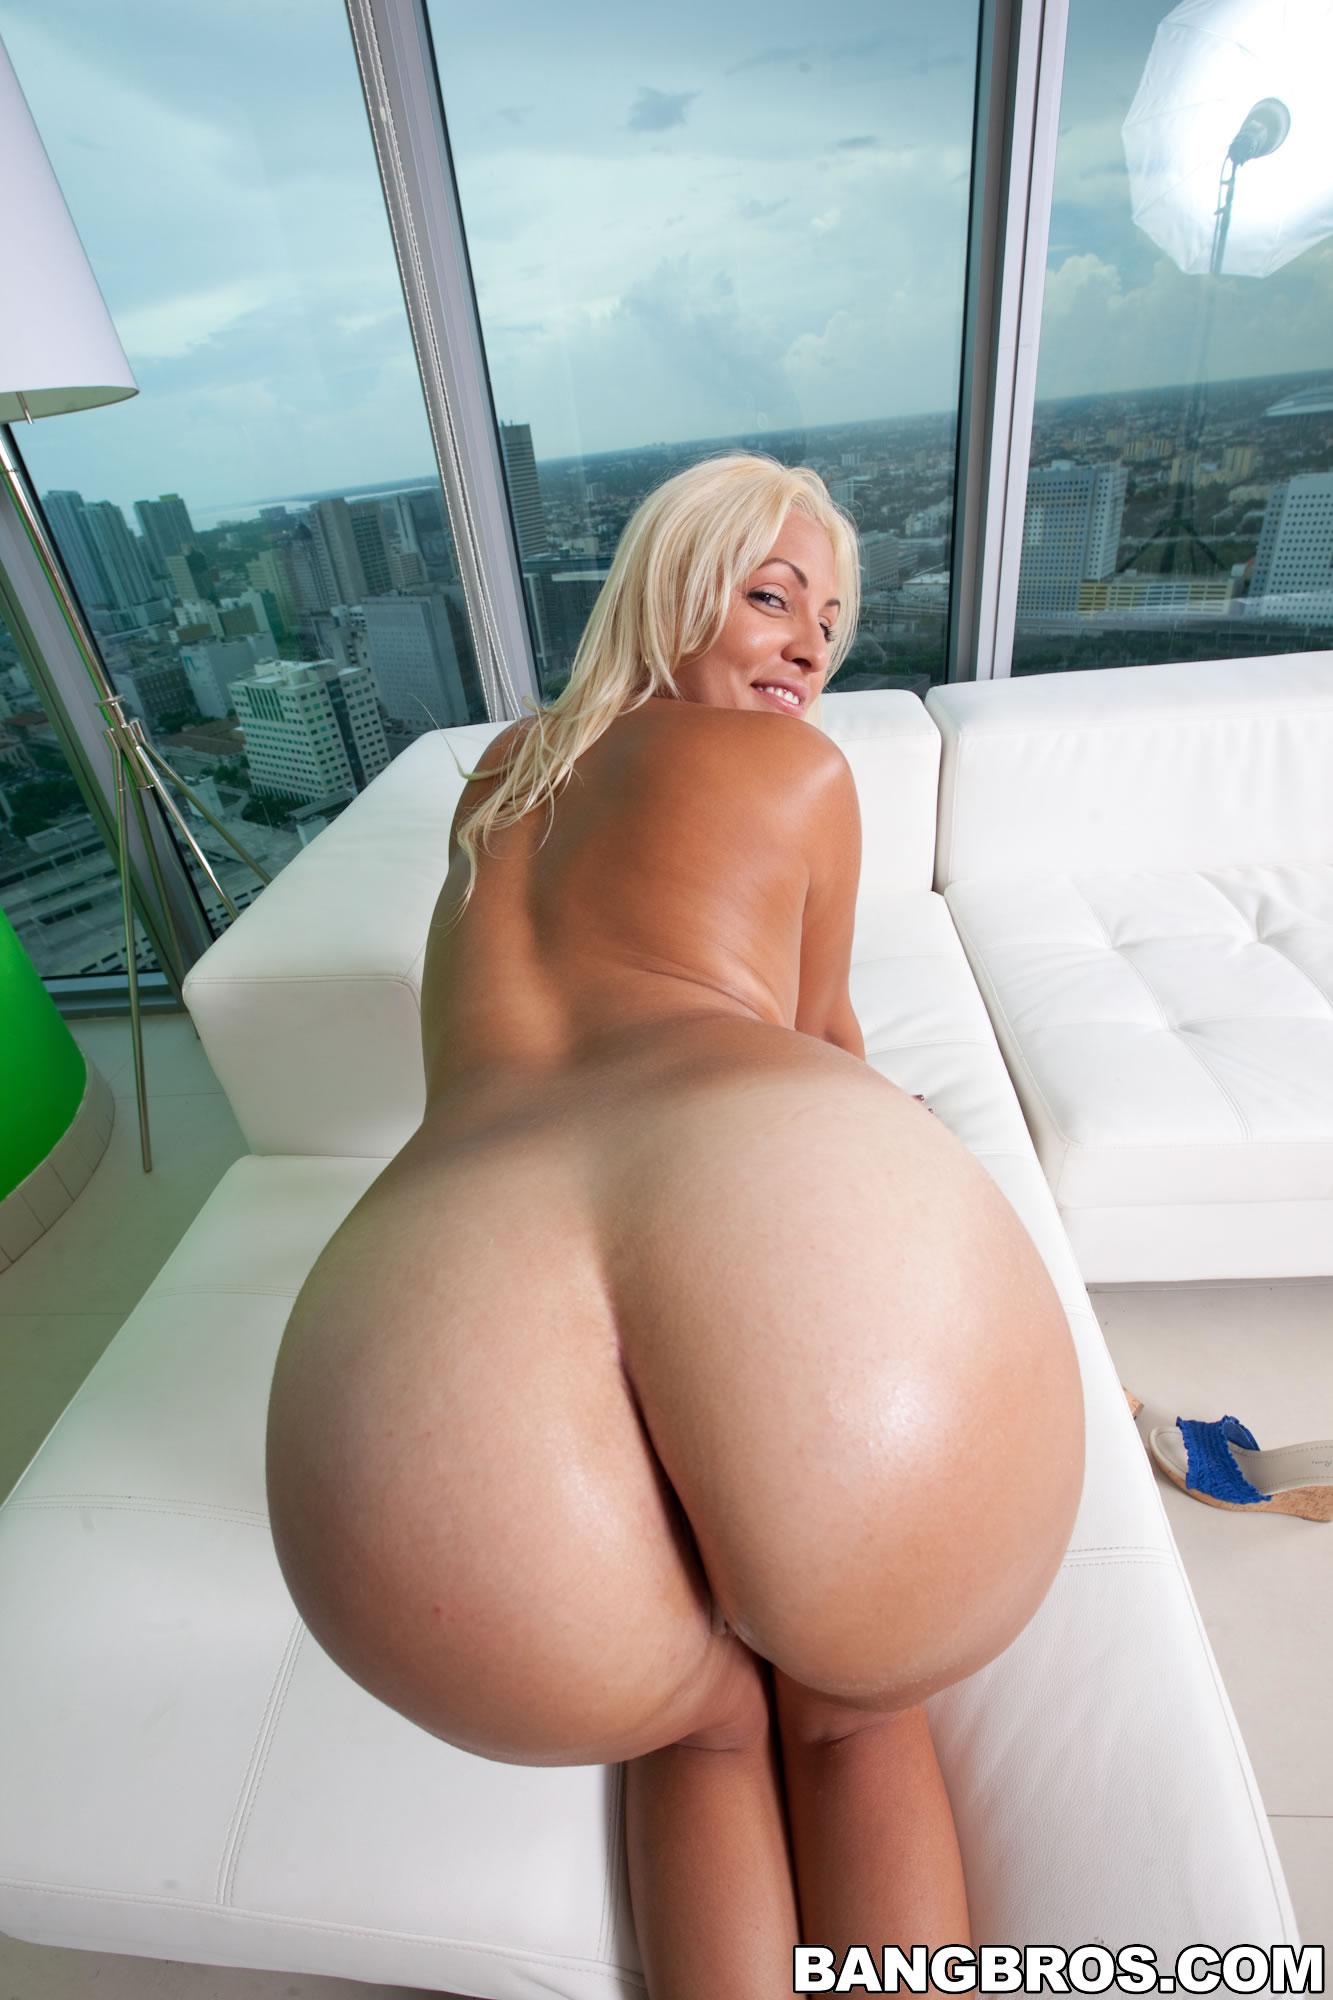 Rachel busty